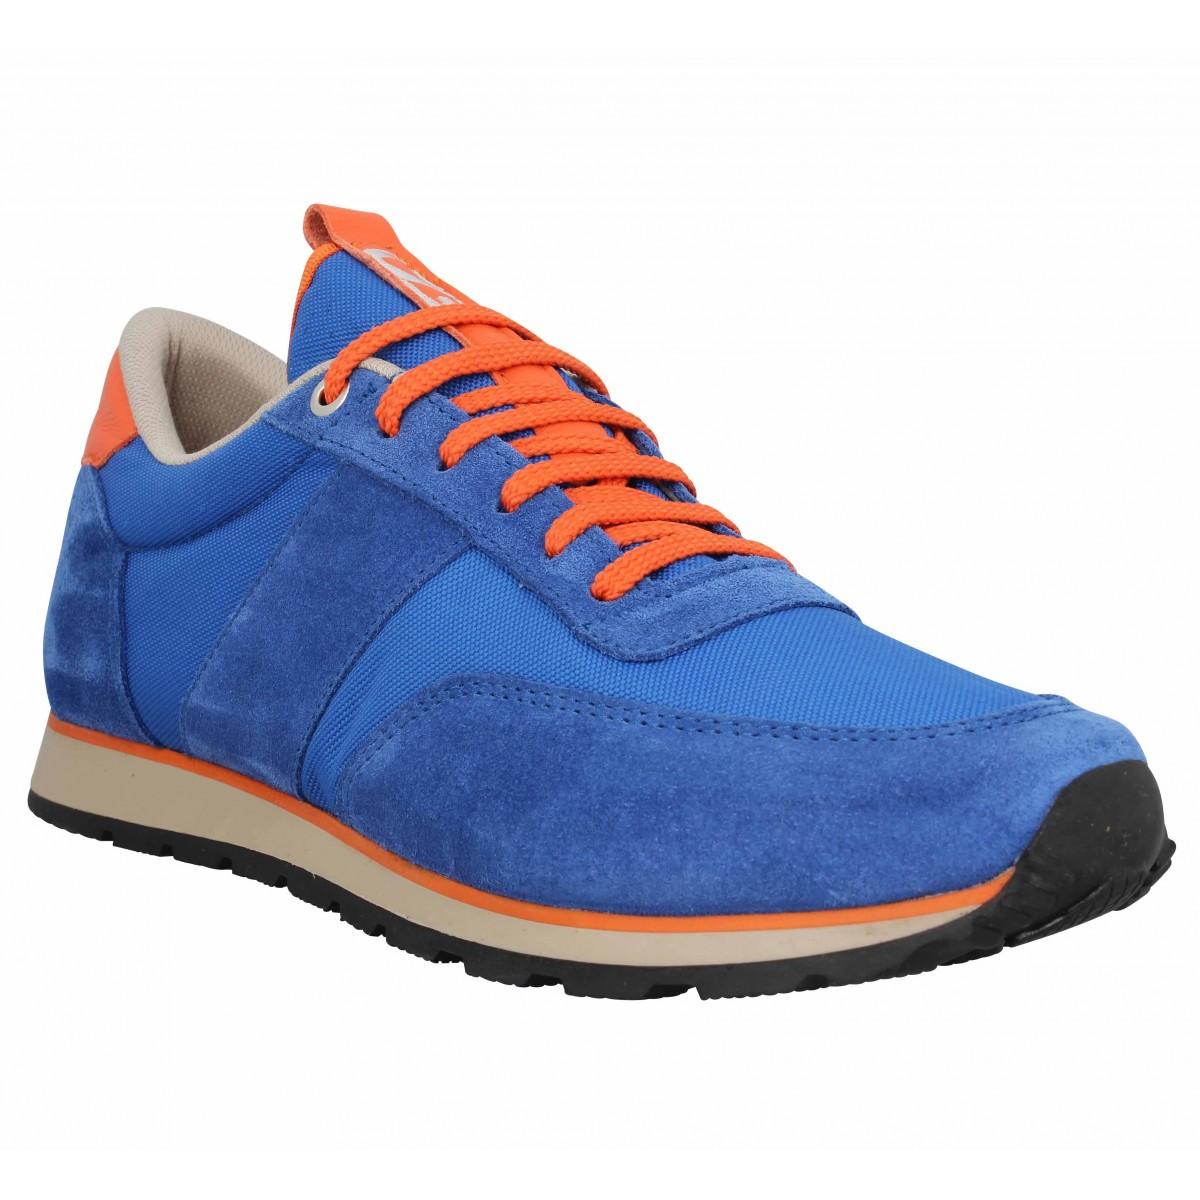 UZS Sneakers Marque 417 Velours Toile...